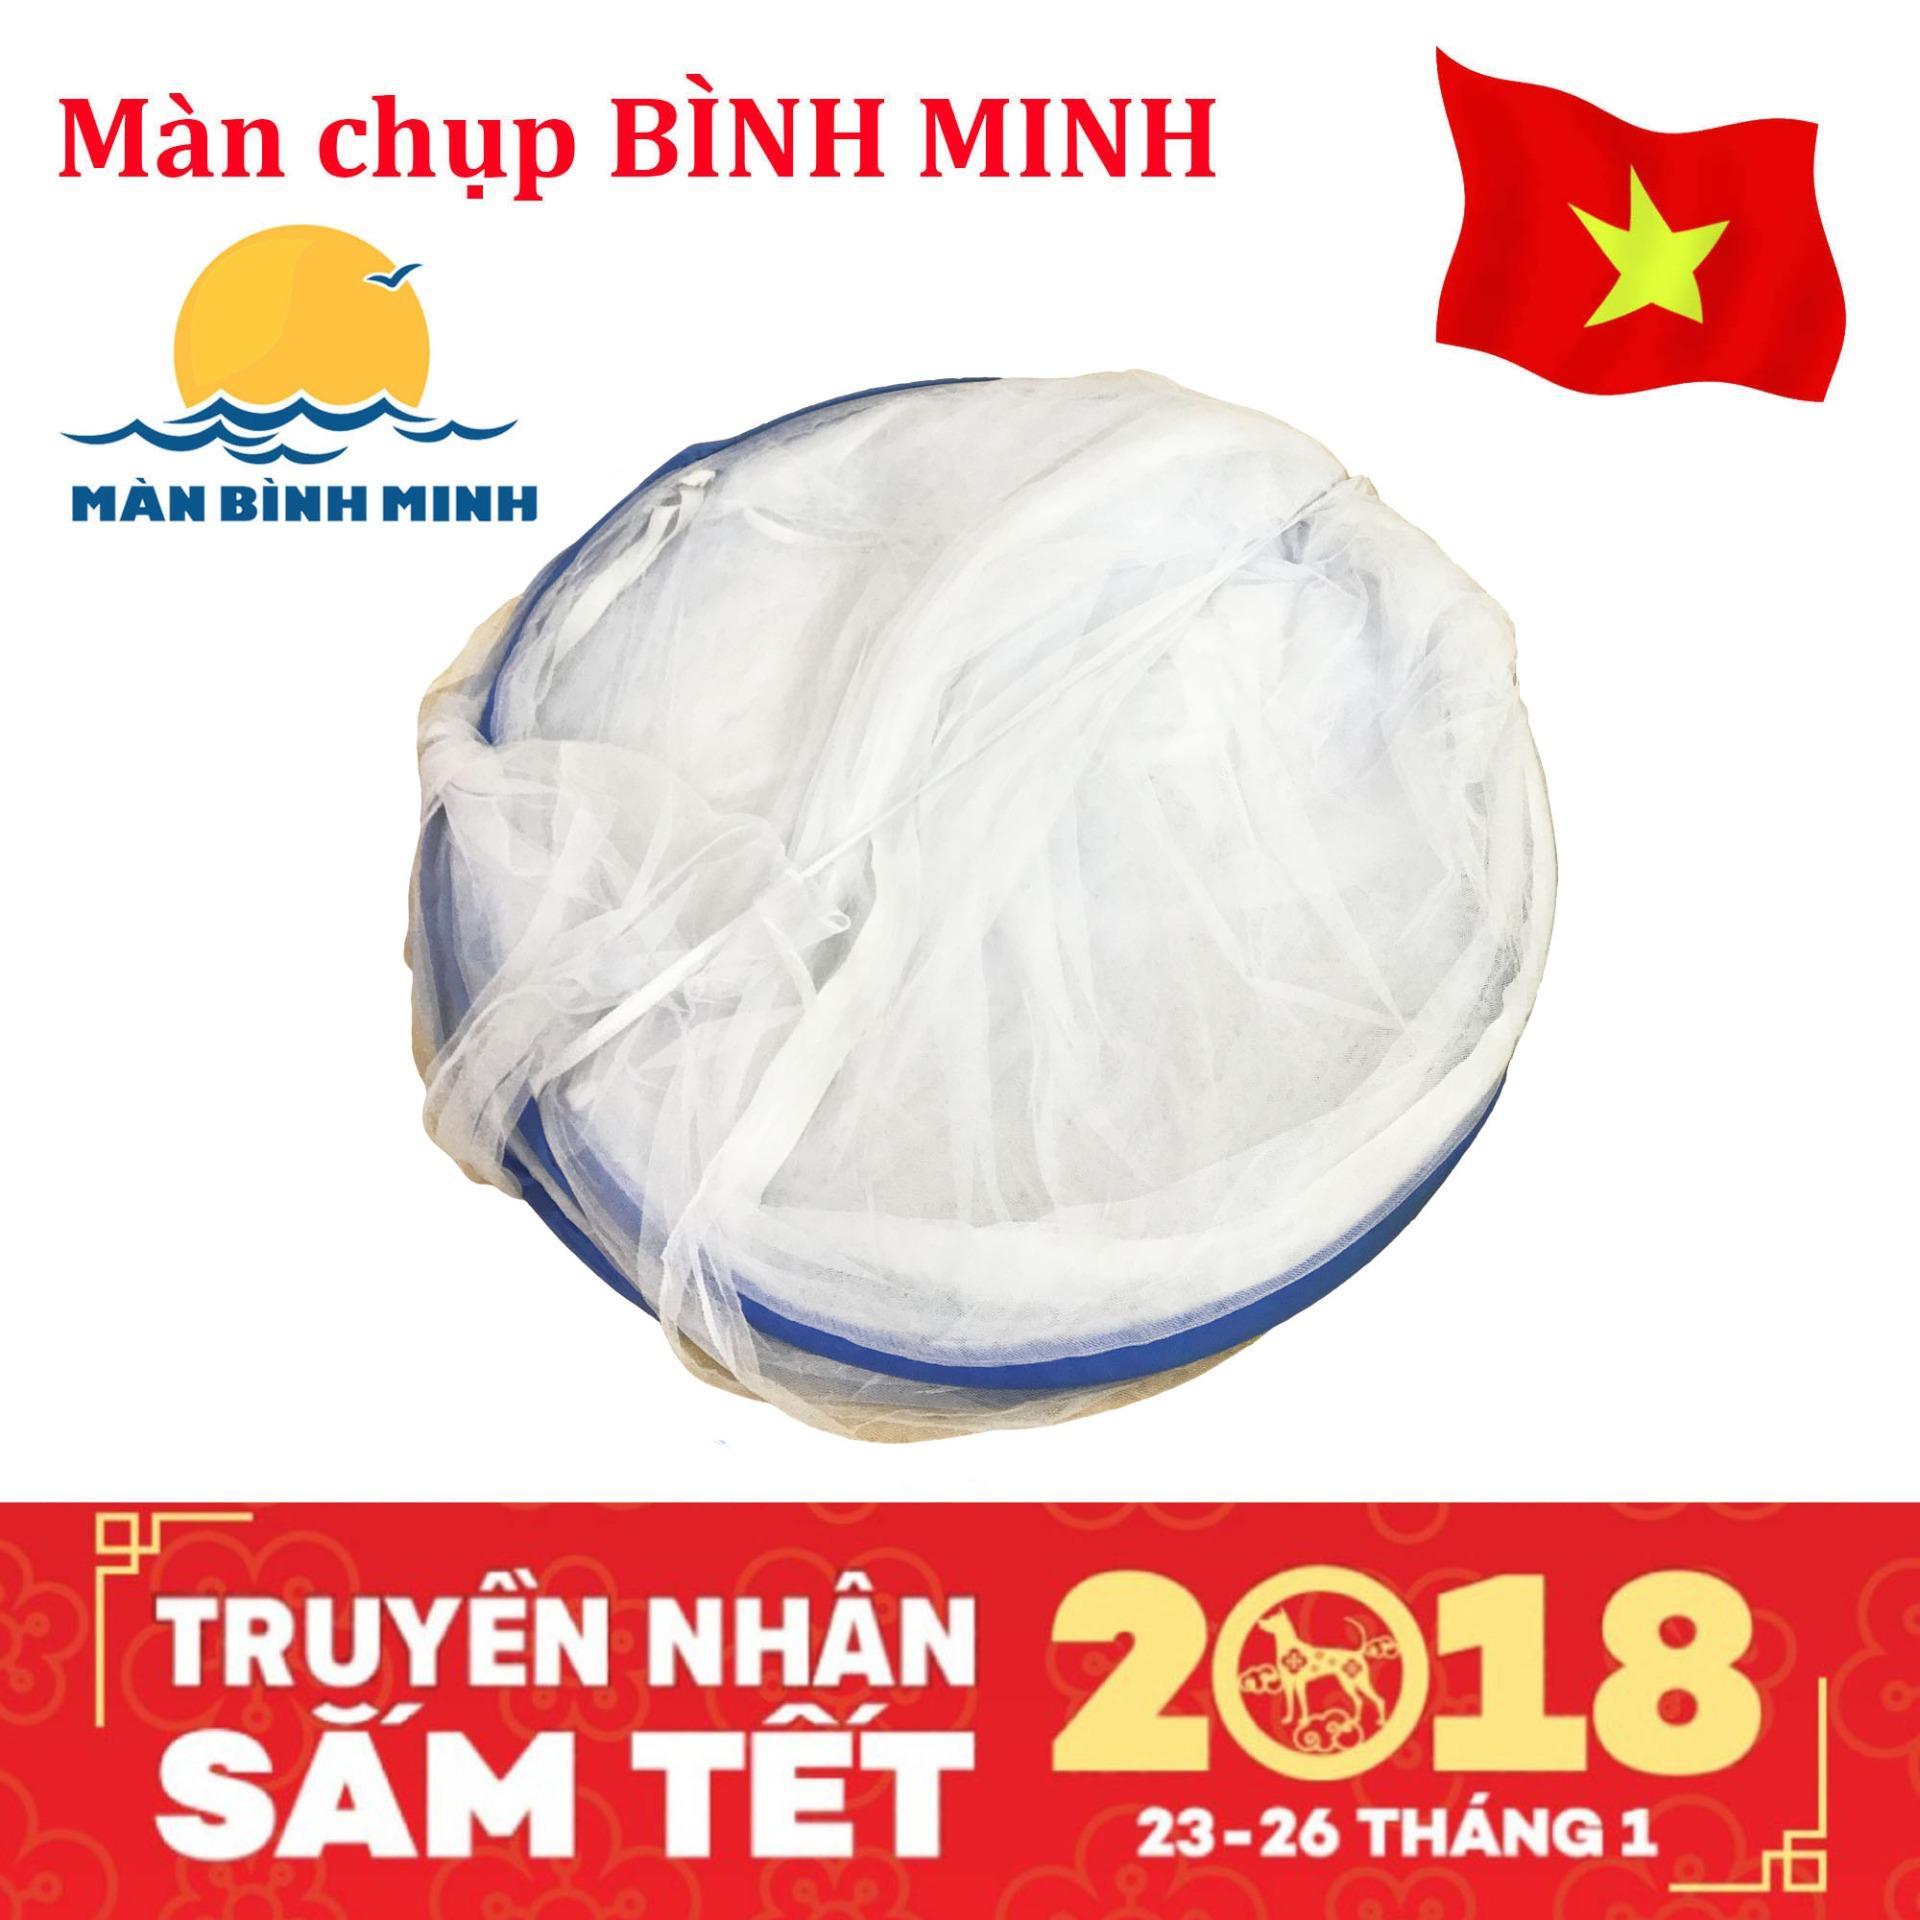 Man Chụp Tự Bung Chống Muỗi Loại 2 Cửa 1M6 X 2M Sieu Bền Hang Việt Nam Màn Chụp Bình Minh Chiết Khấu